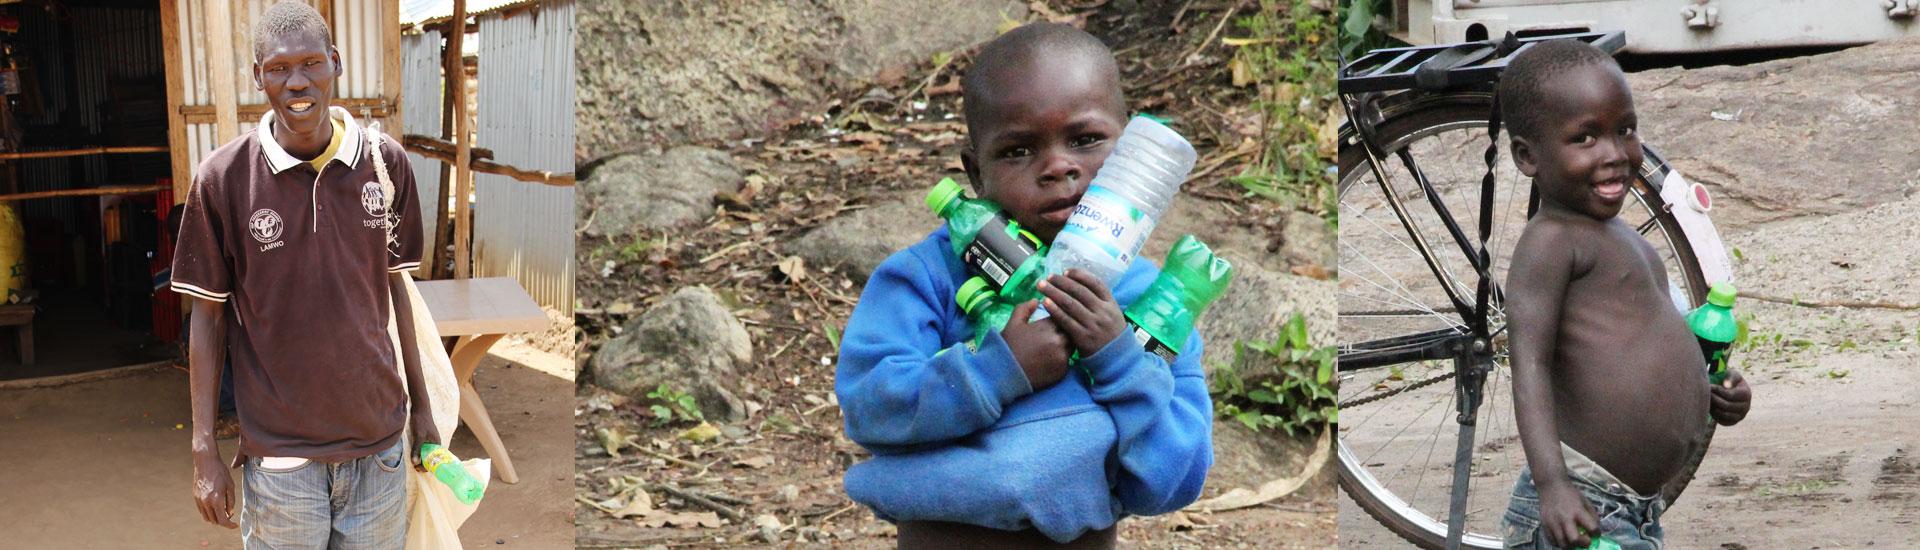 Refugiados en Palabek: Oline, el reciclador más generoso